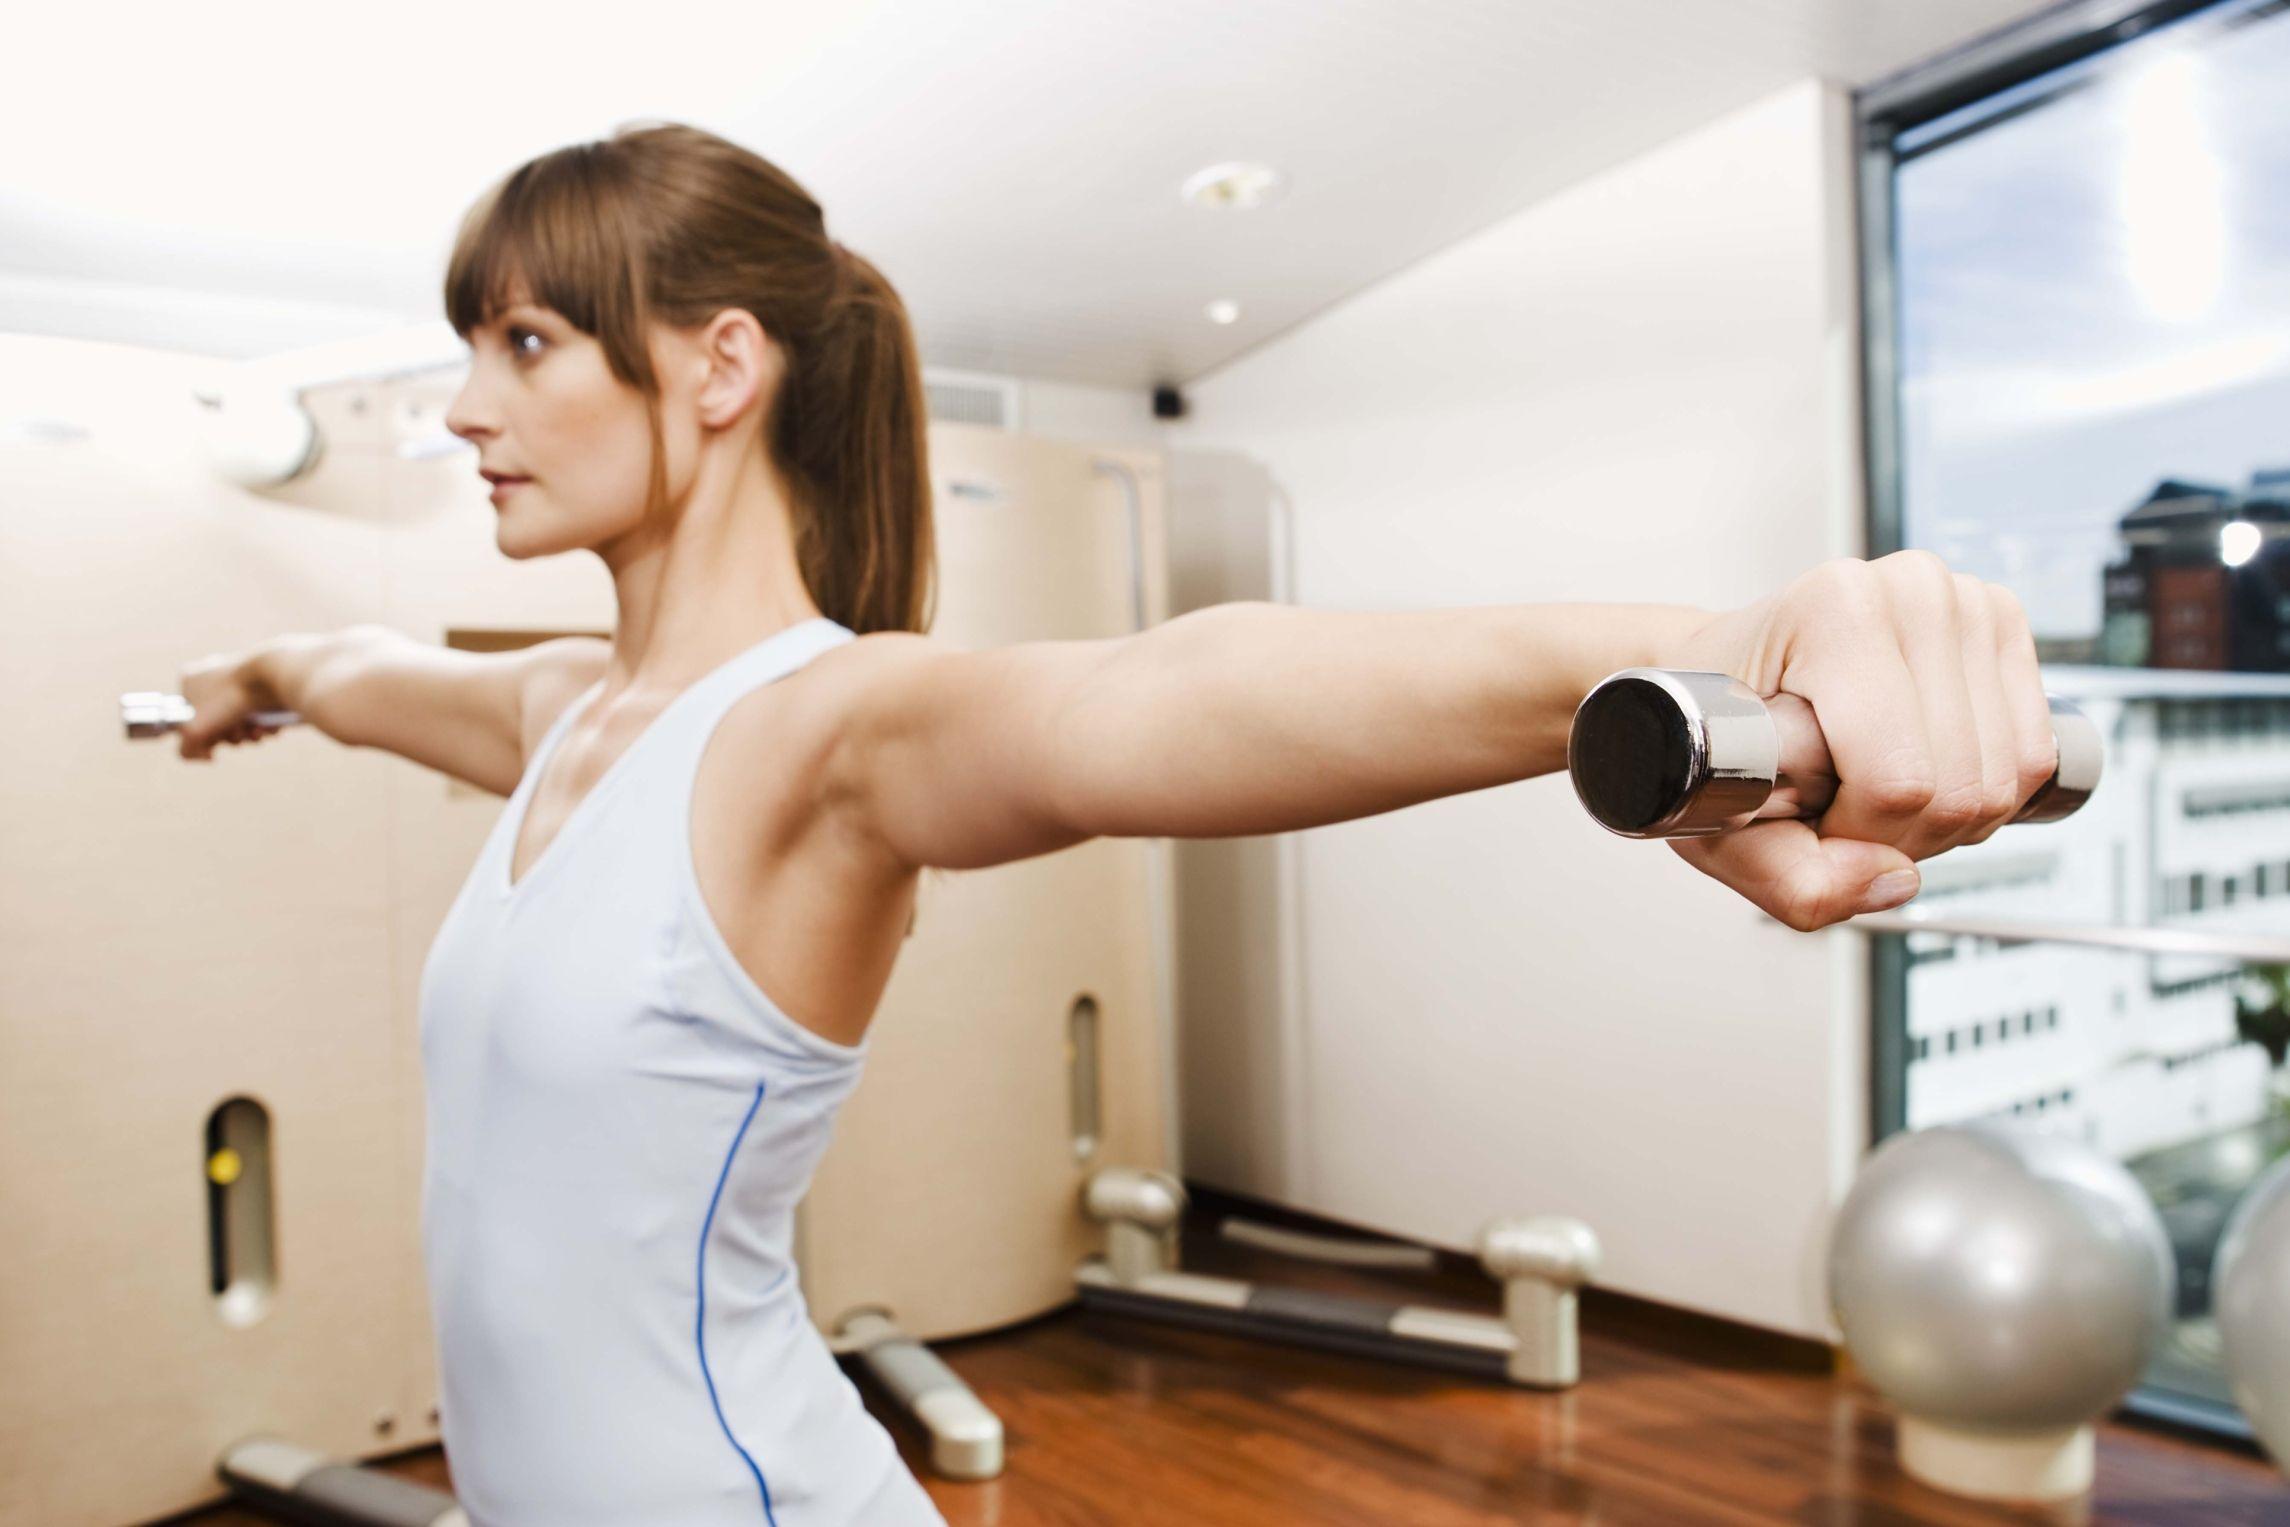 Esercizi con l'elastico per far dimagrire le braccia  (video)